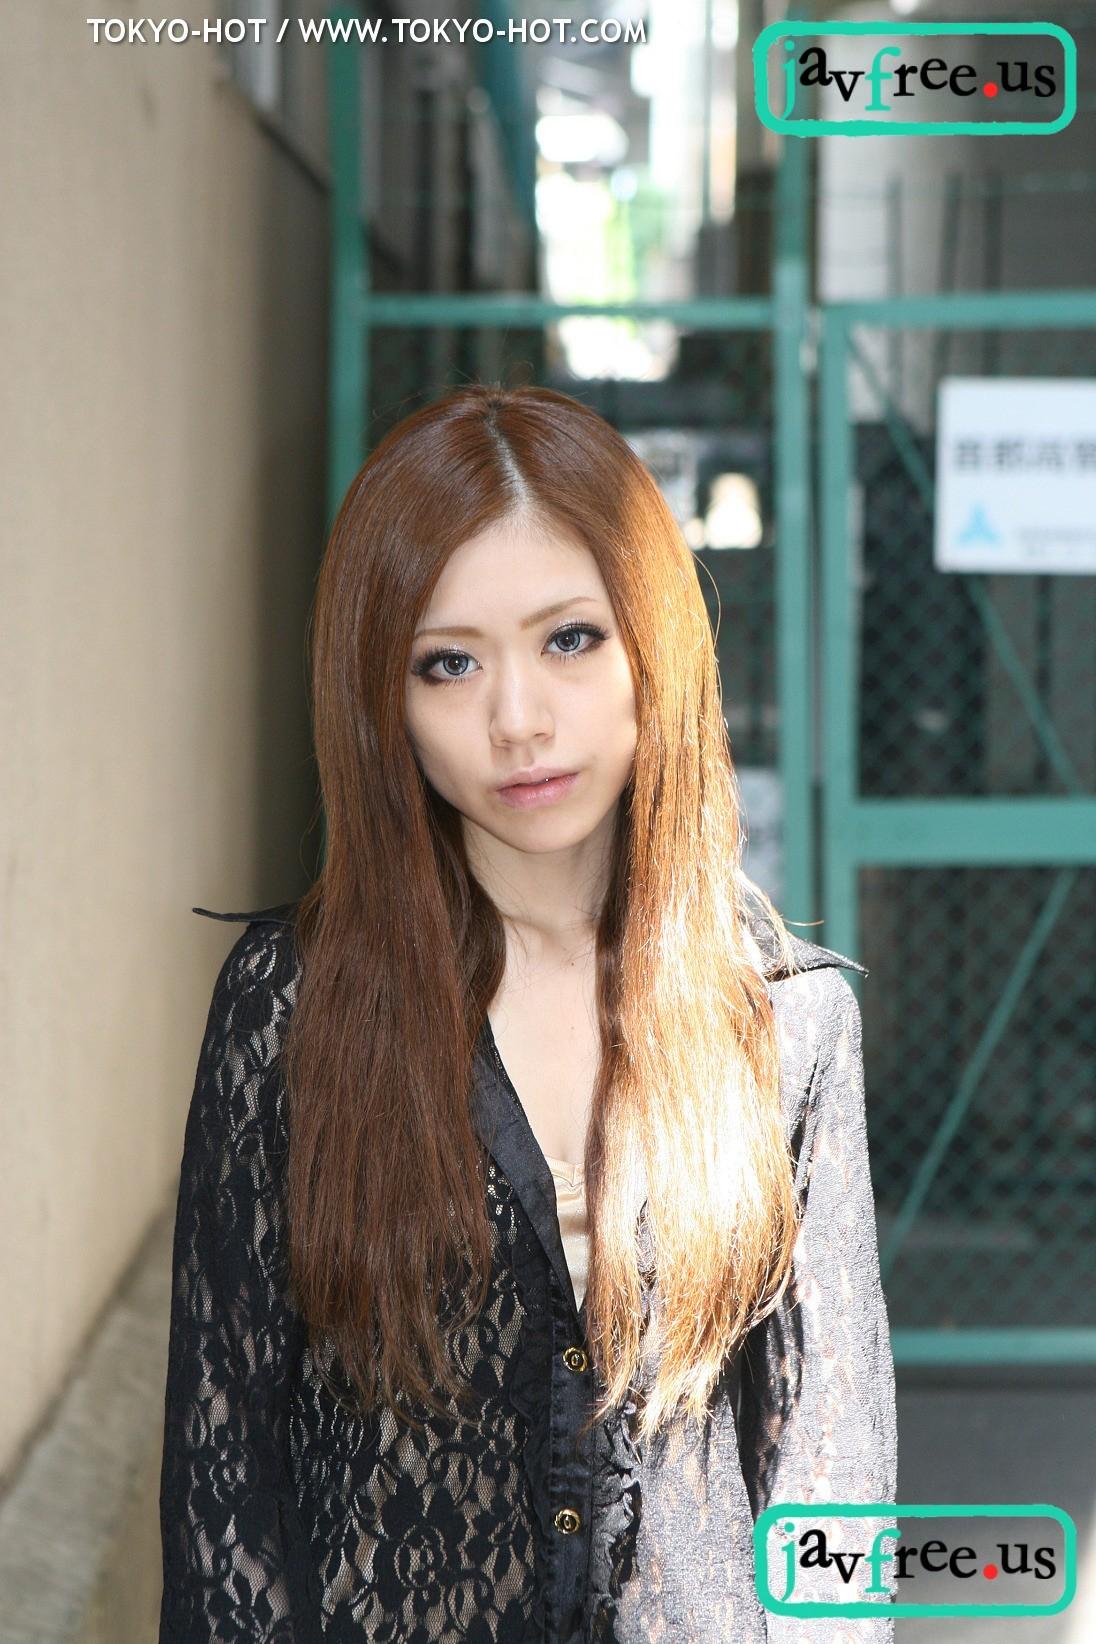 Tokyo Hot k0439 餌食牝 早乙女らん Ran Saotome 餌食牝 早乙女らん Tokyo Hot Ran Saotome